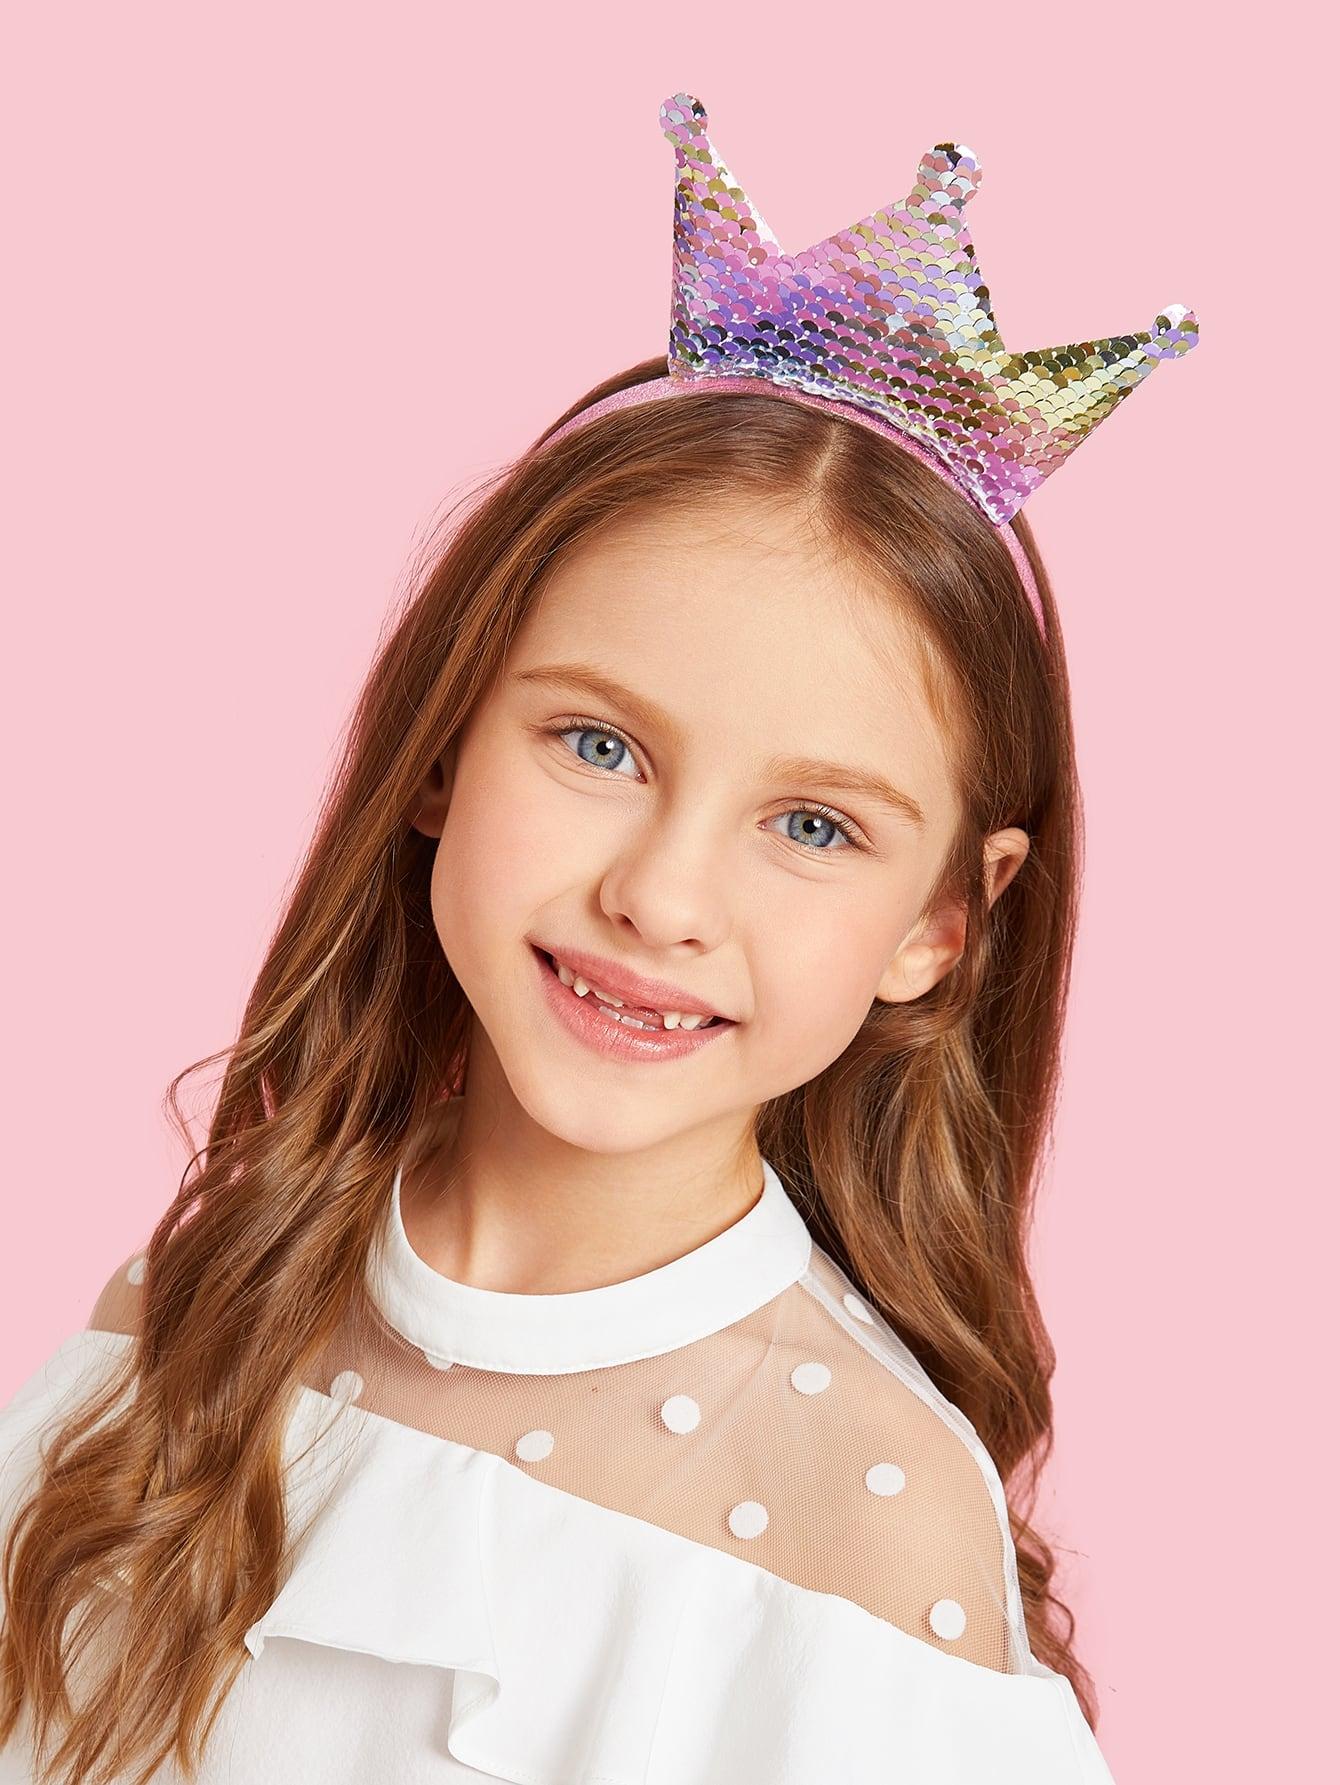 Купить Ободок для волос и с украшением короны фольги для девочки, null, SheIn